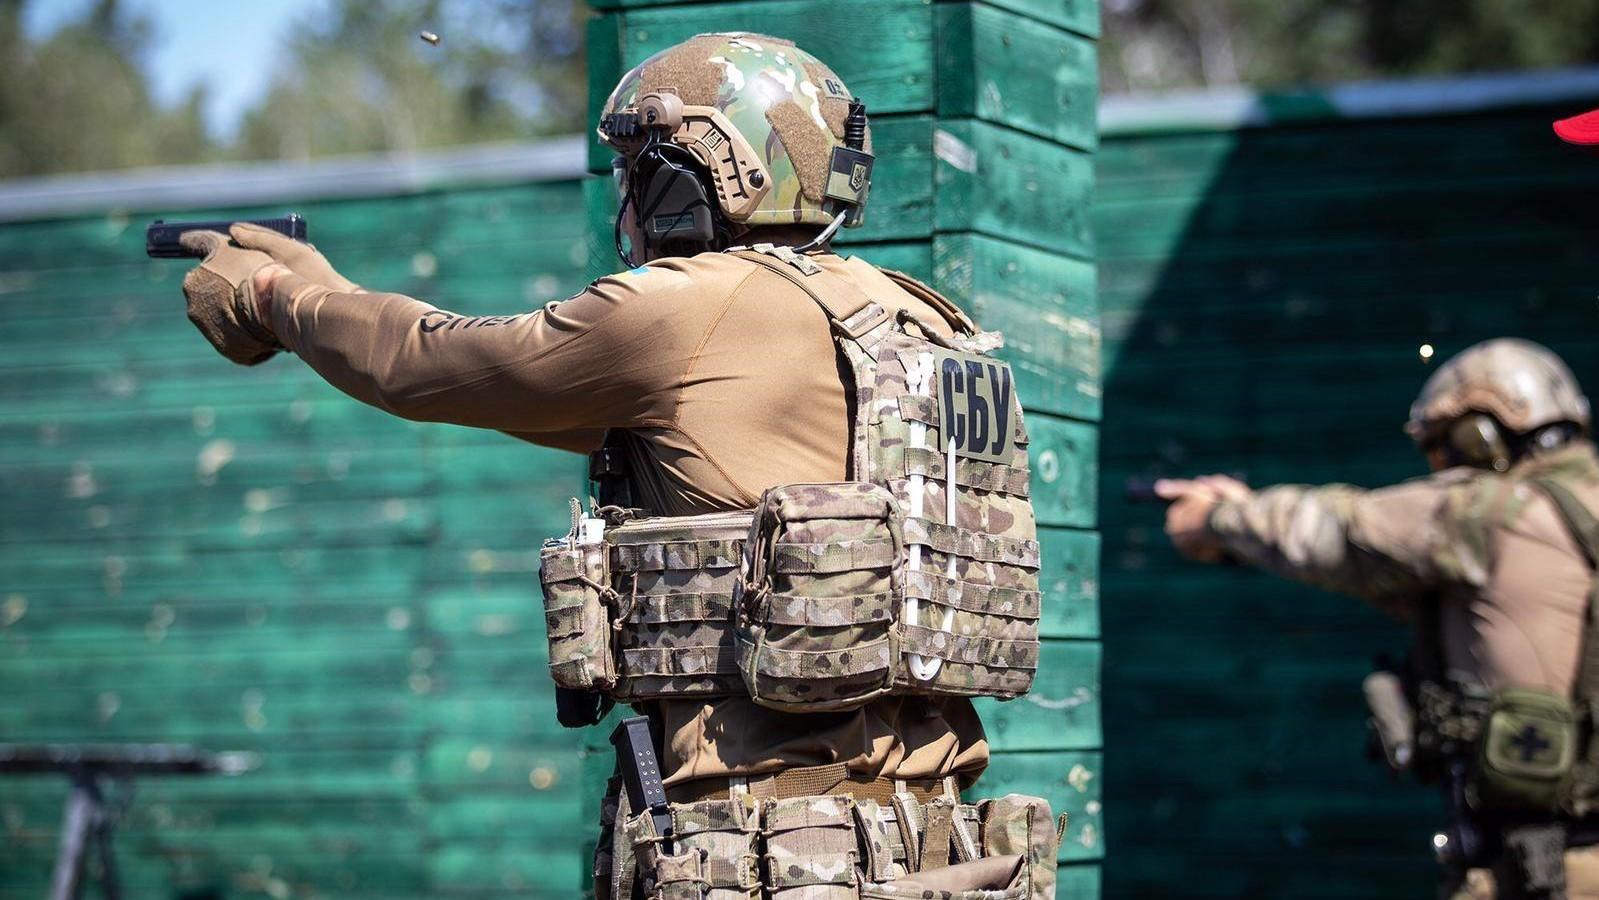 Правоохранительные органы Украины. Фото: Служба безопасности Украины / Facebook